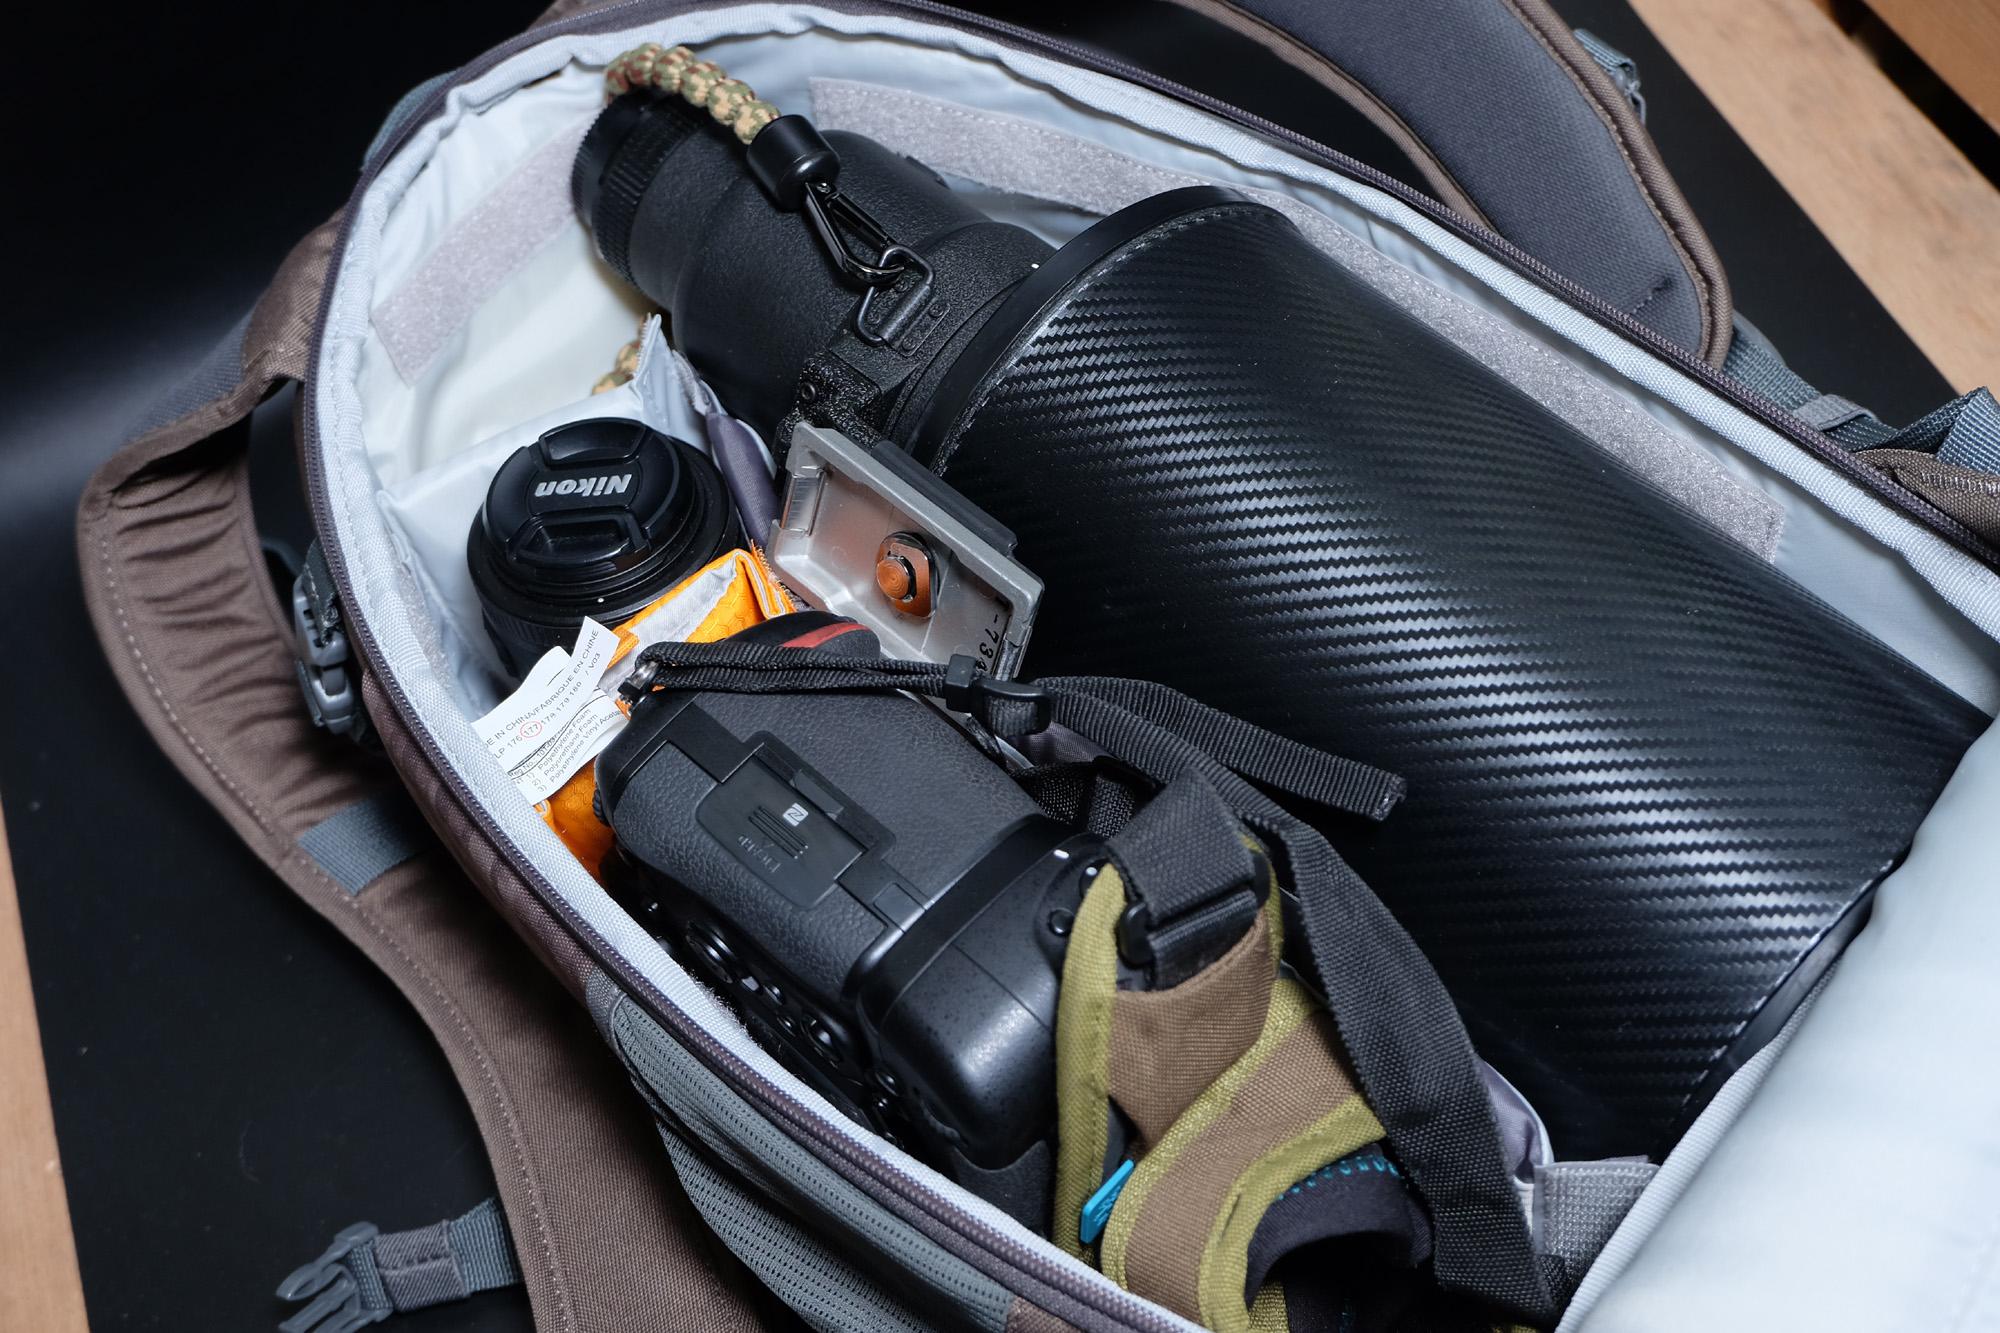 ゴーヨンが入る最小のカメラバック(カメラリュック)Lowepro Flipside300AWⅡ フィリップサイド300AW2 購入レビュー